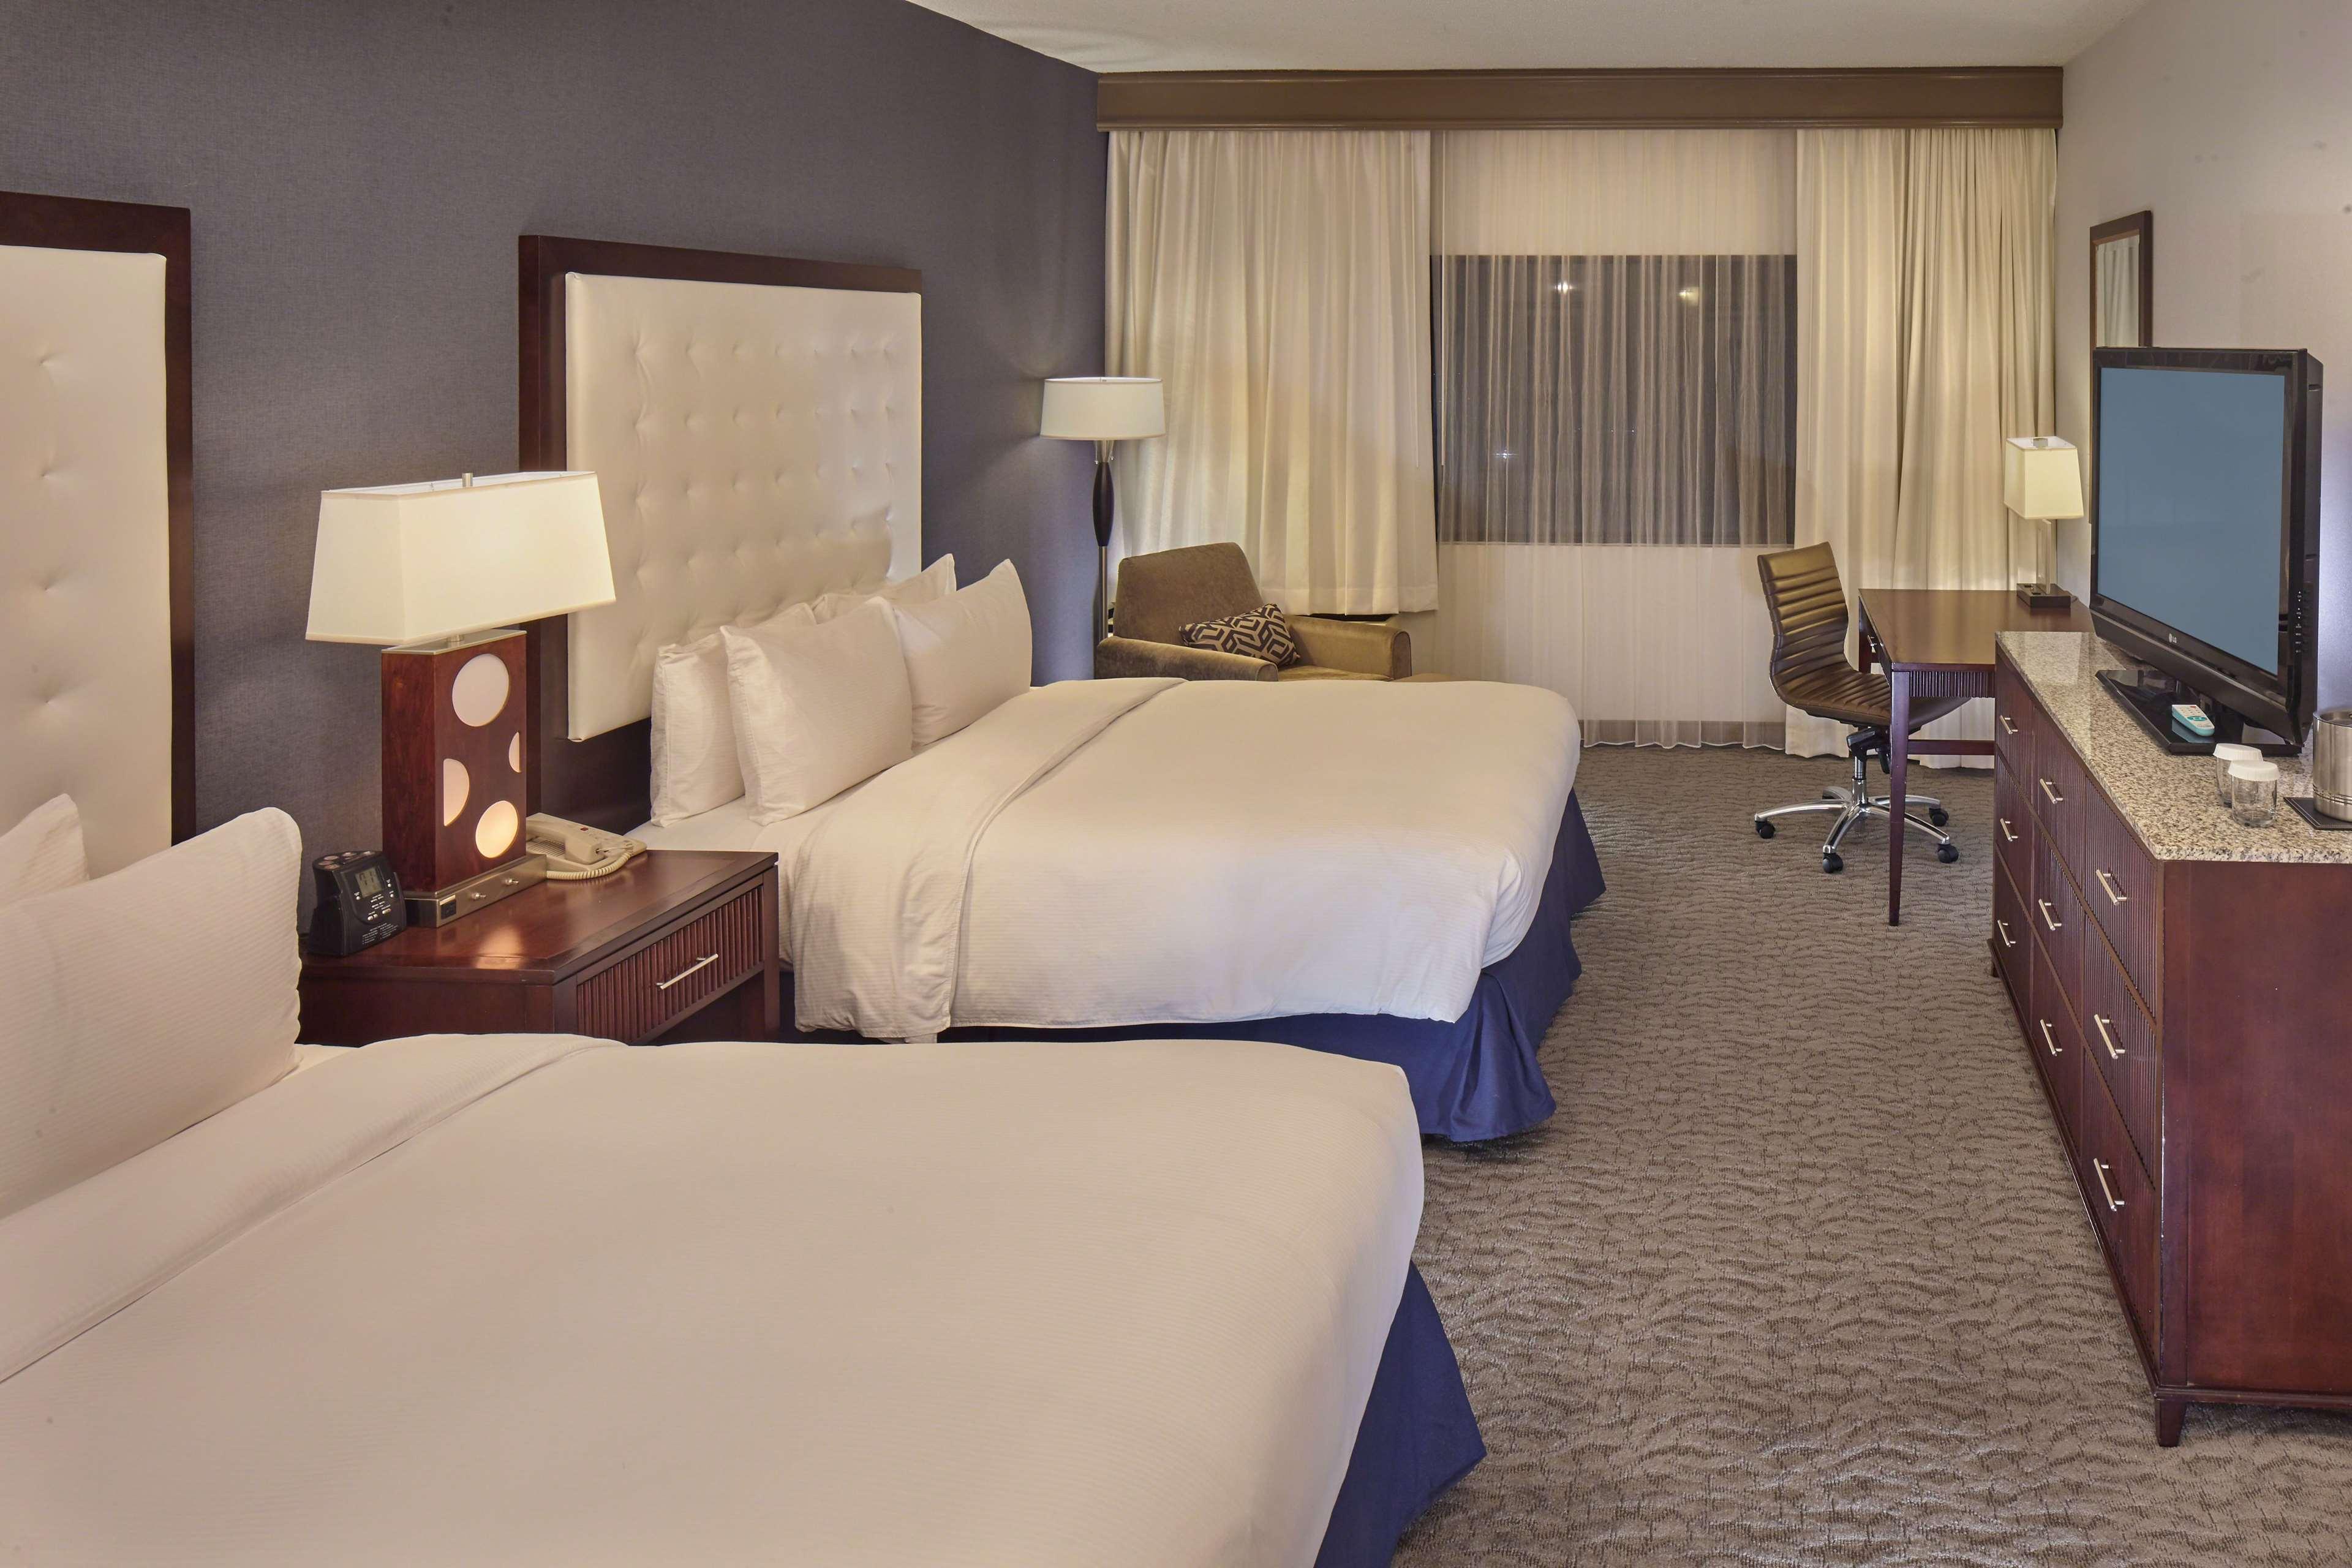 DoubleTree by Hilton Hotel Little Rock image 22